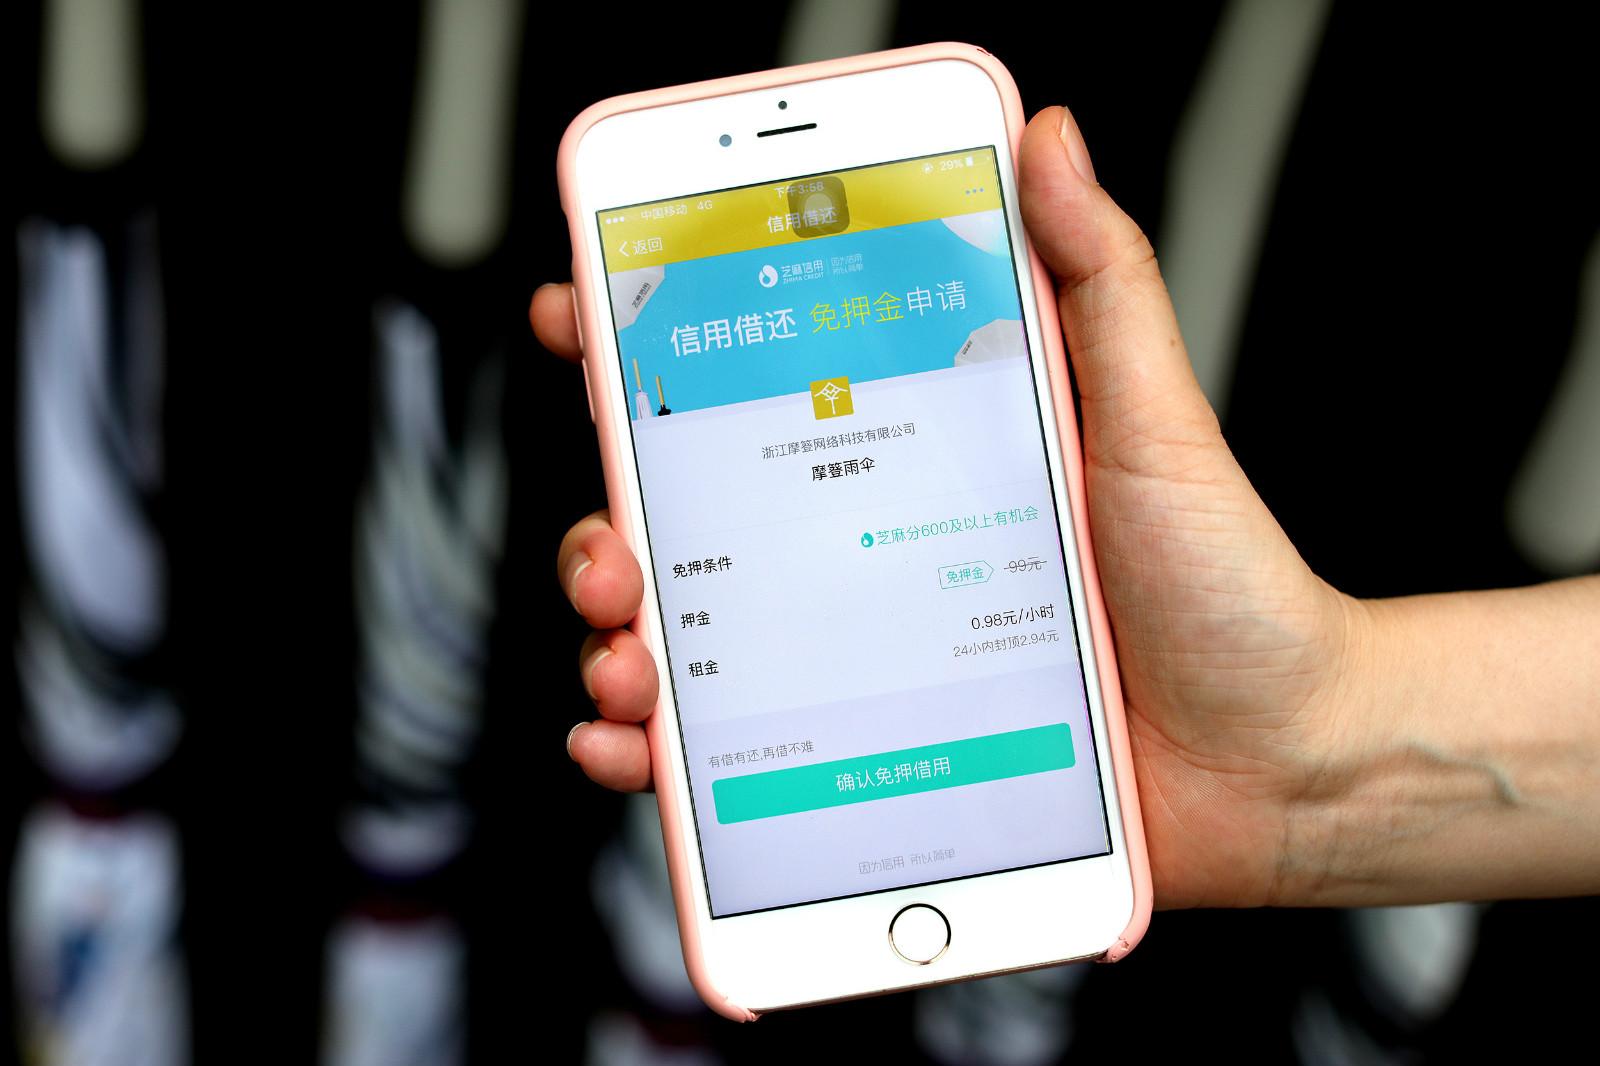 信用服务亭提供共享雨伞,芝麻信用分超过600分可以免押金租借_meitu_2